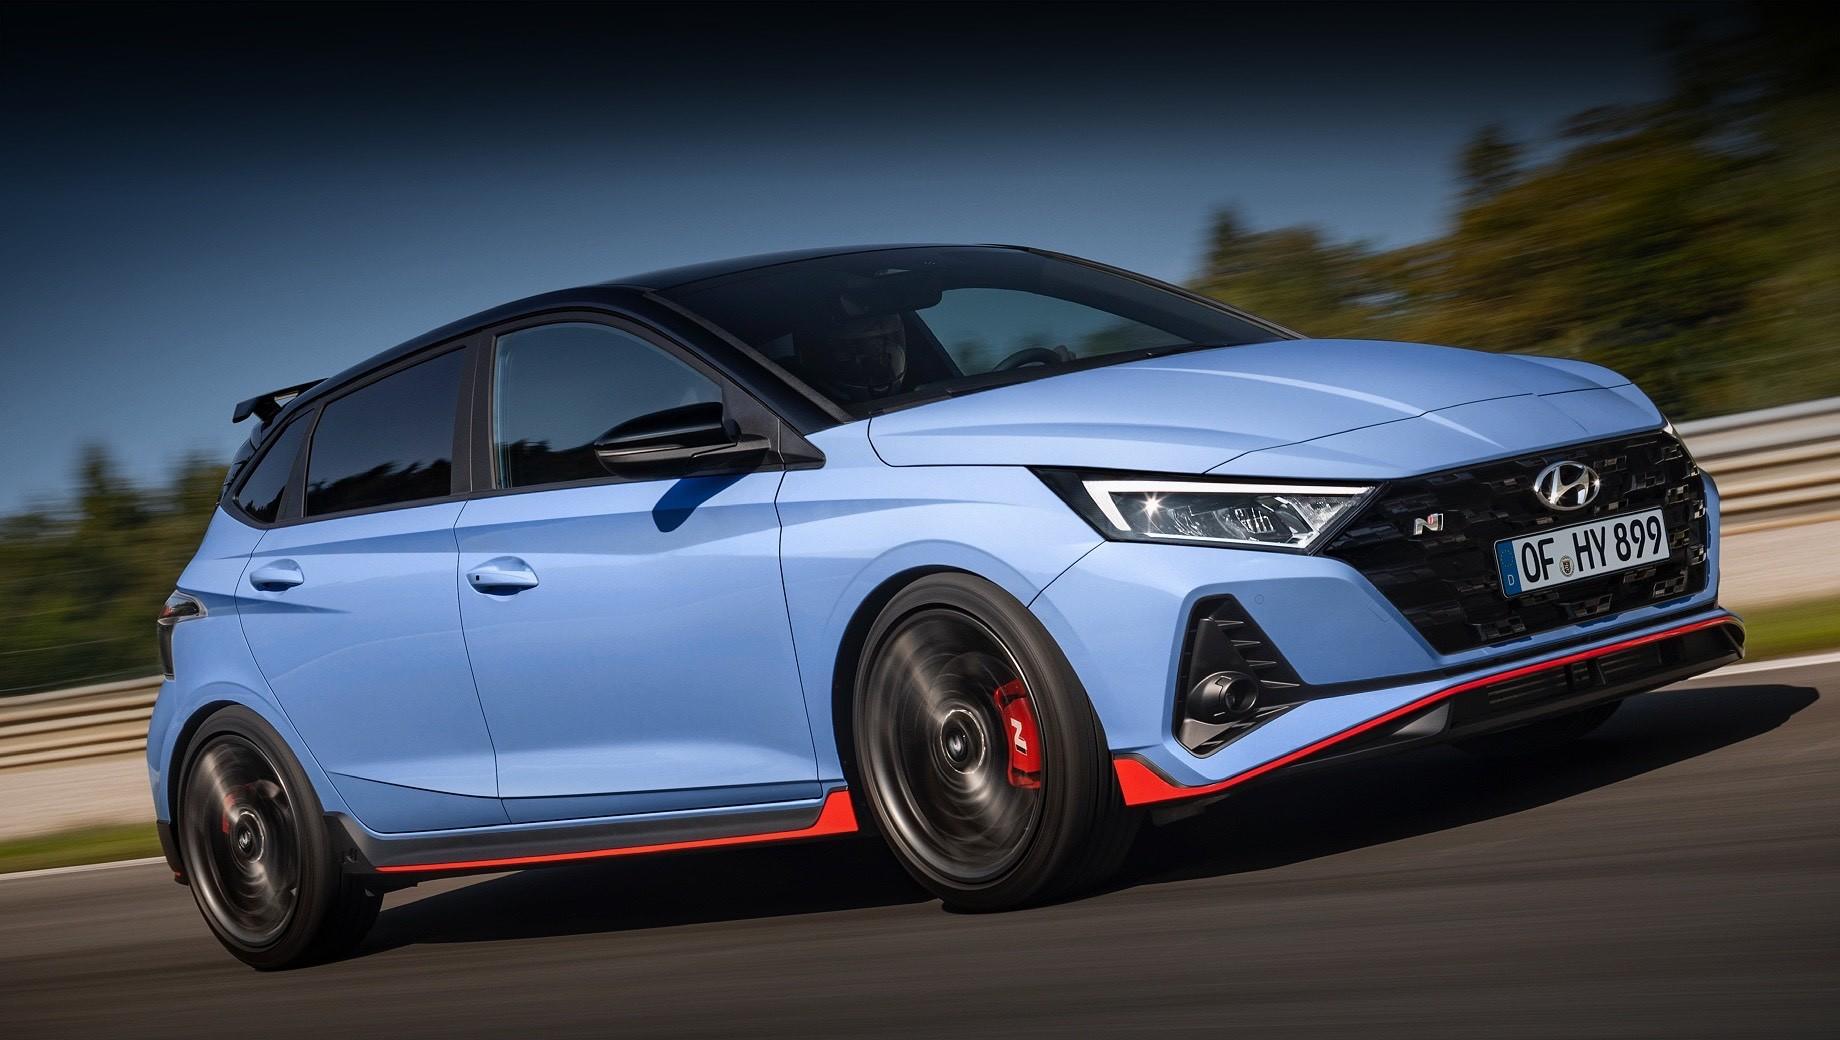 Hyundai i20,Hyundai i20 n. Яркий стайлинг хэтчбека Hyundai i20 N обусловлен не только спортивным обвесом с красными акцентами, антикрылом и 18-дюймовыми колёсами, но и заказным двухцветным окрасом кузова. Палитра состоит из шести колеров, пять из которых опционально сочетаются с контрастным чёрным.